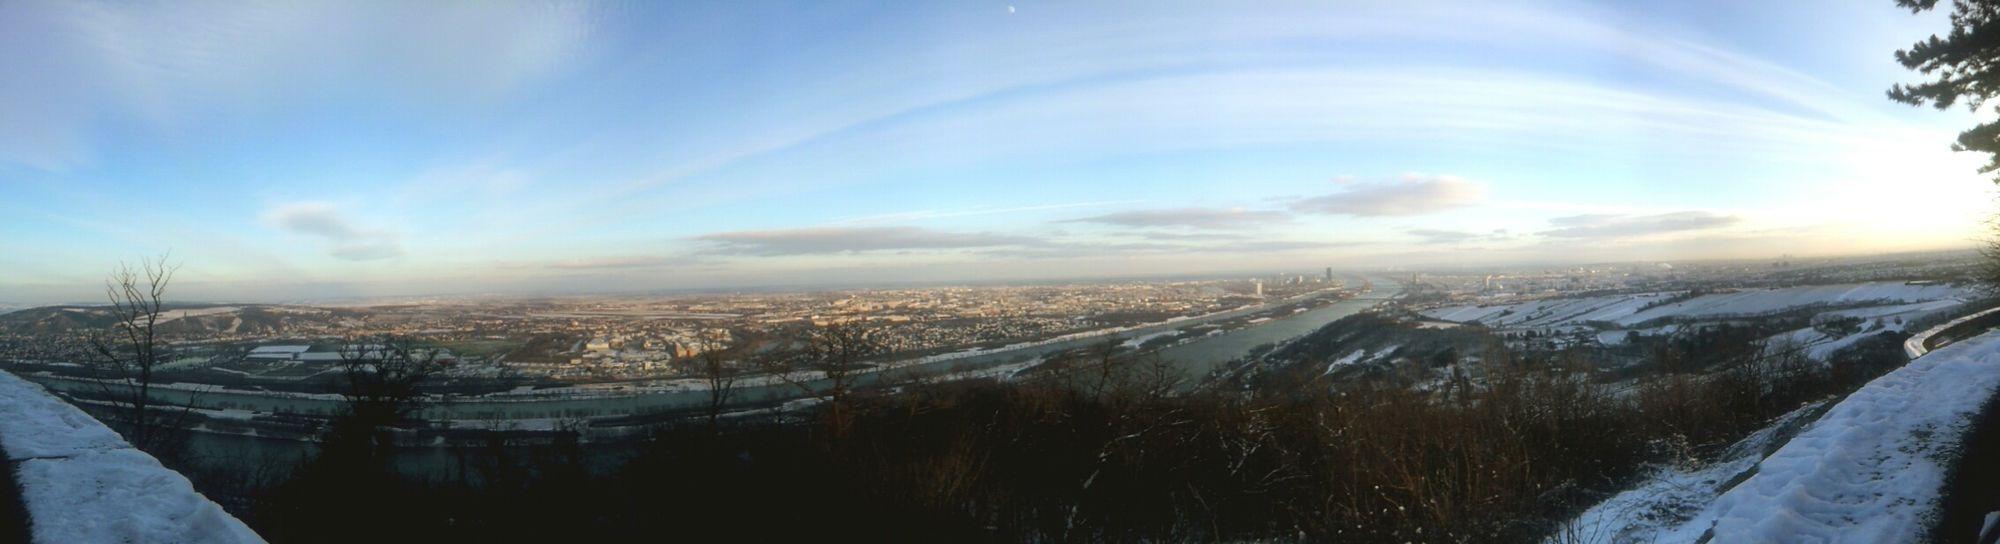 Vienna Panorama Snow Winter